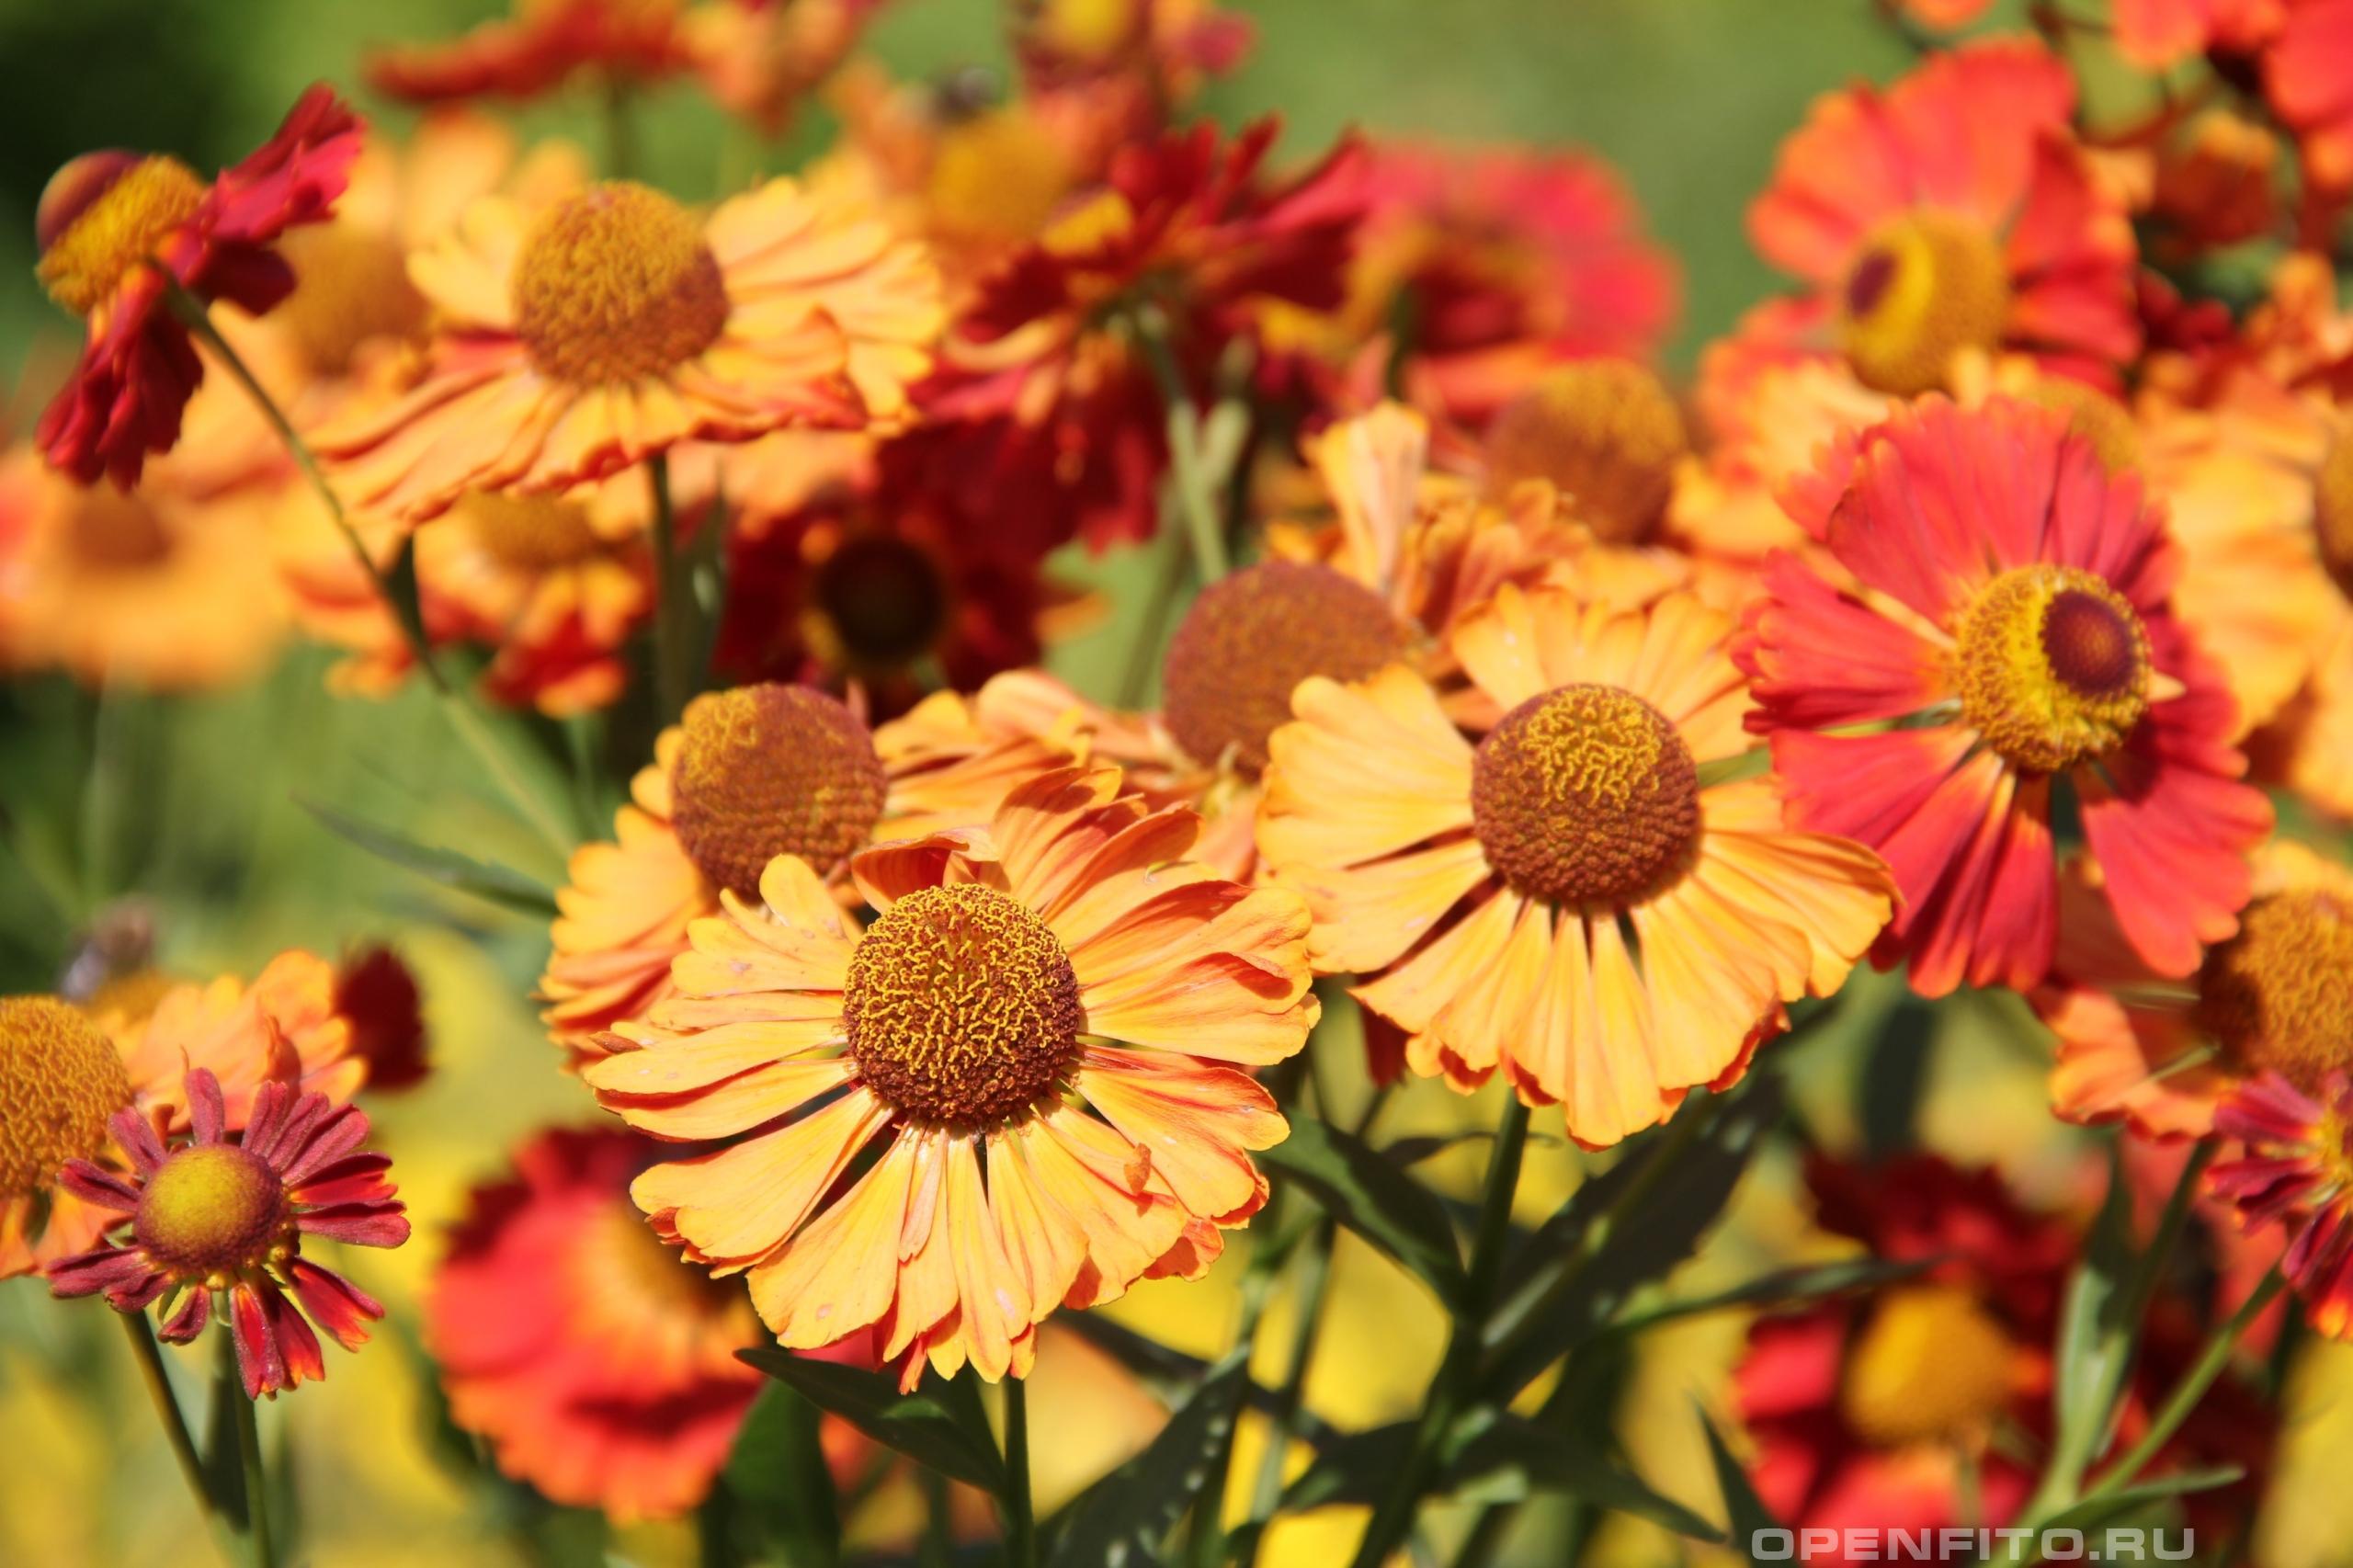 Гелениум фото цветов в клумбе